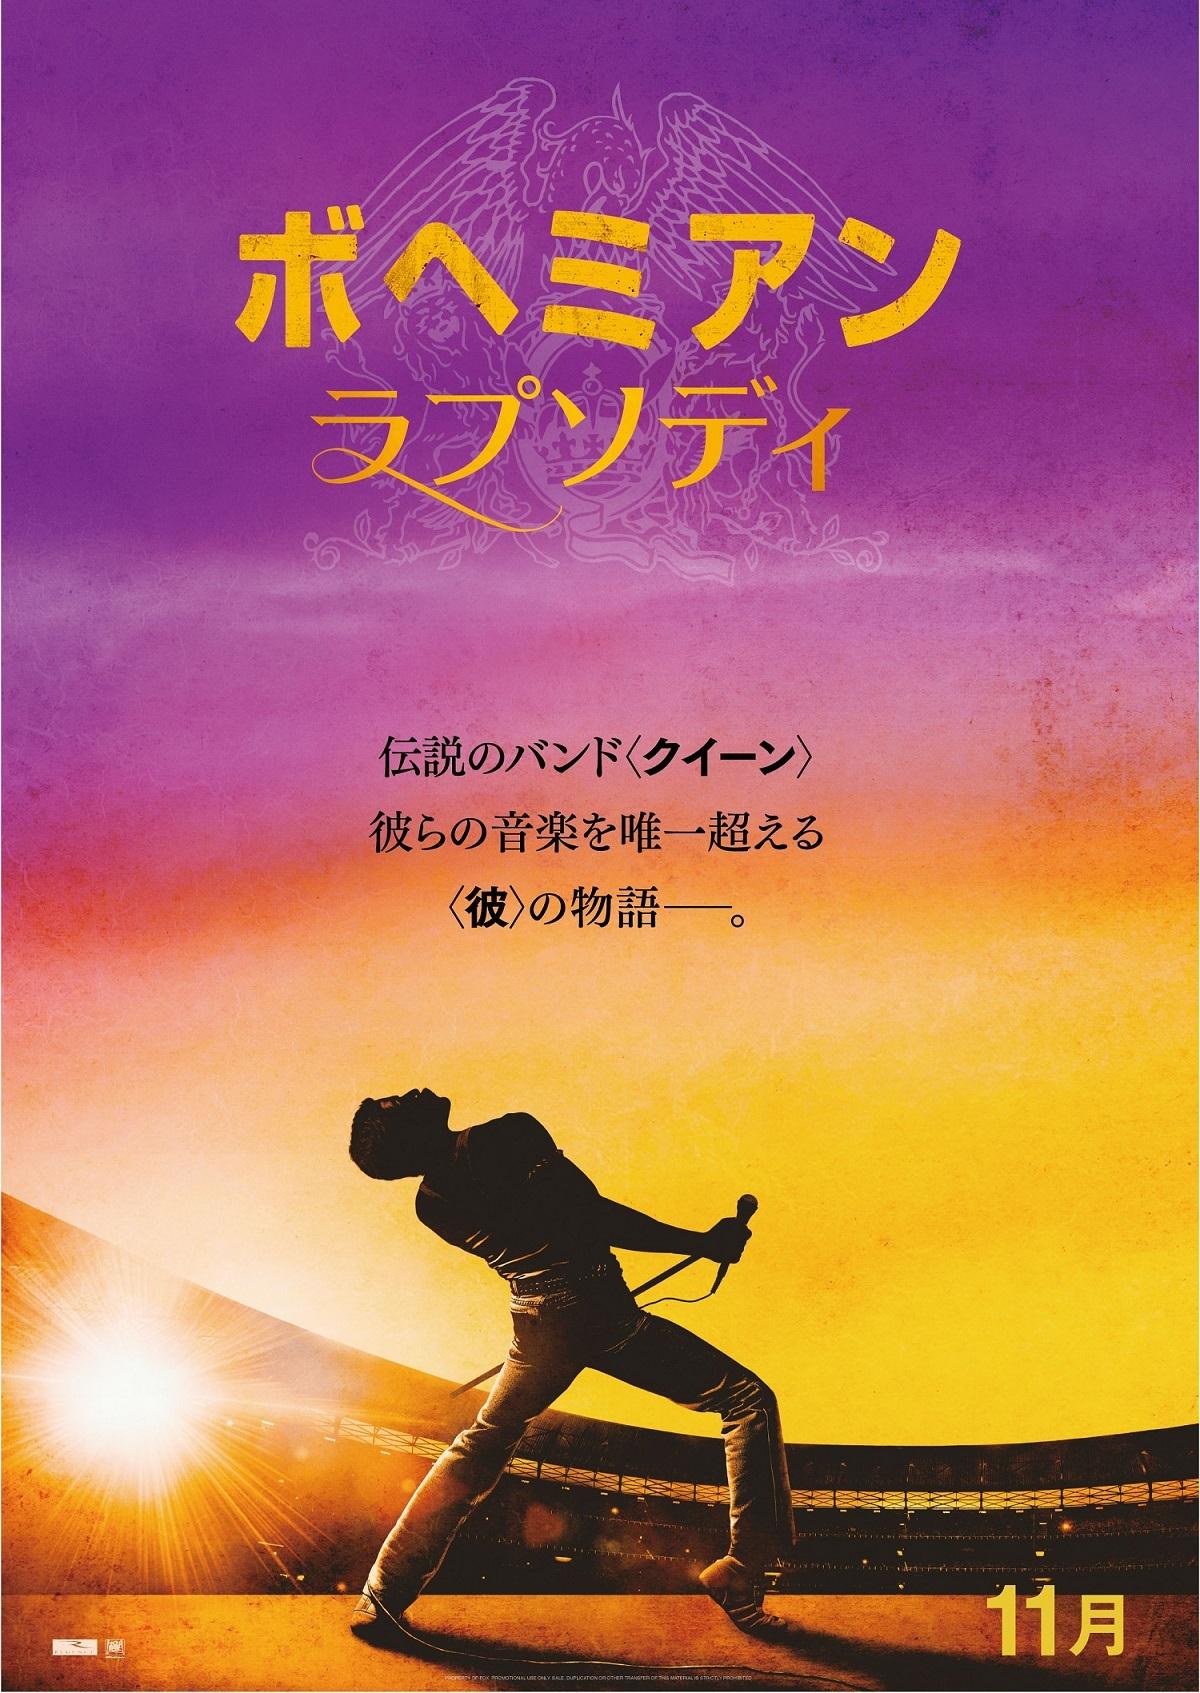 伝説のロックバンド・クイーンが映画に 日本版ビジュアルが初解禁 ...